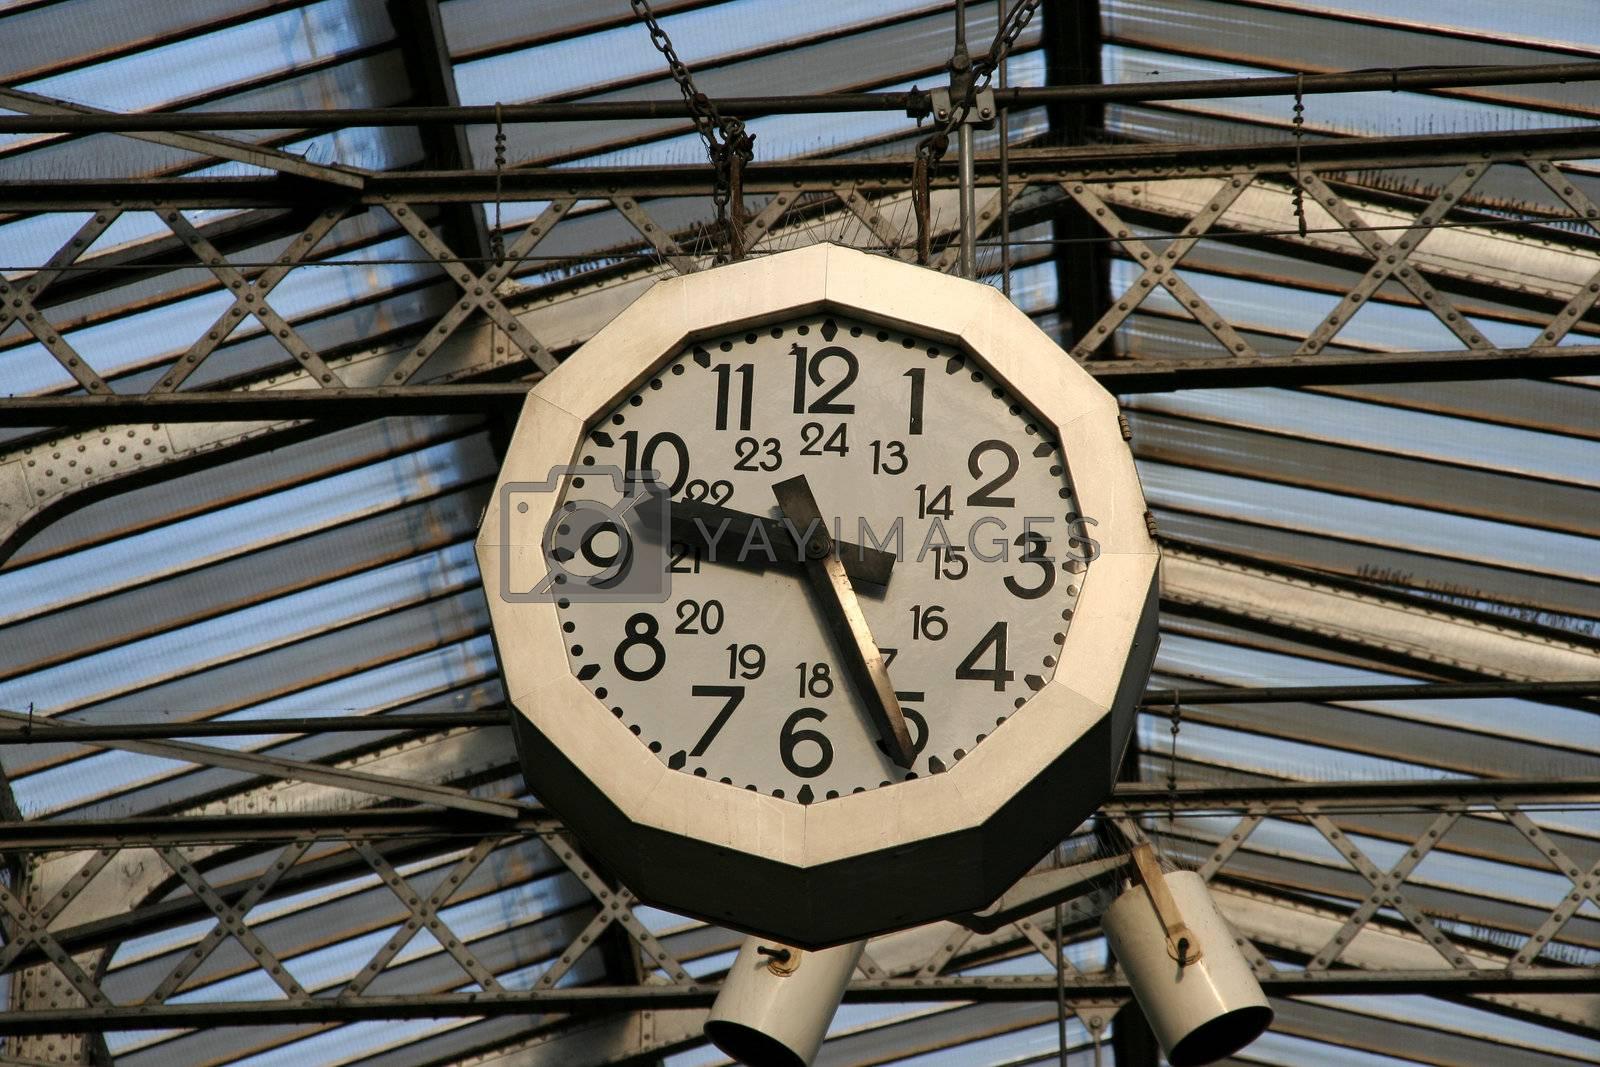 Railway station clock in Paris. Gare de L'Est.